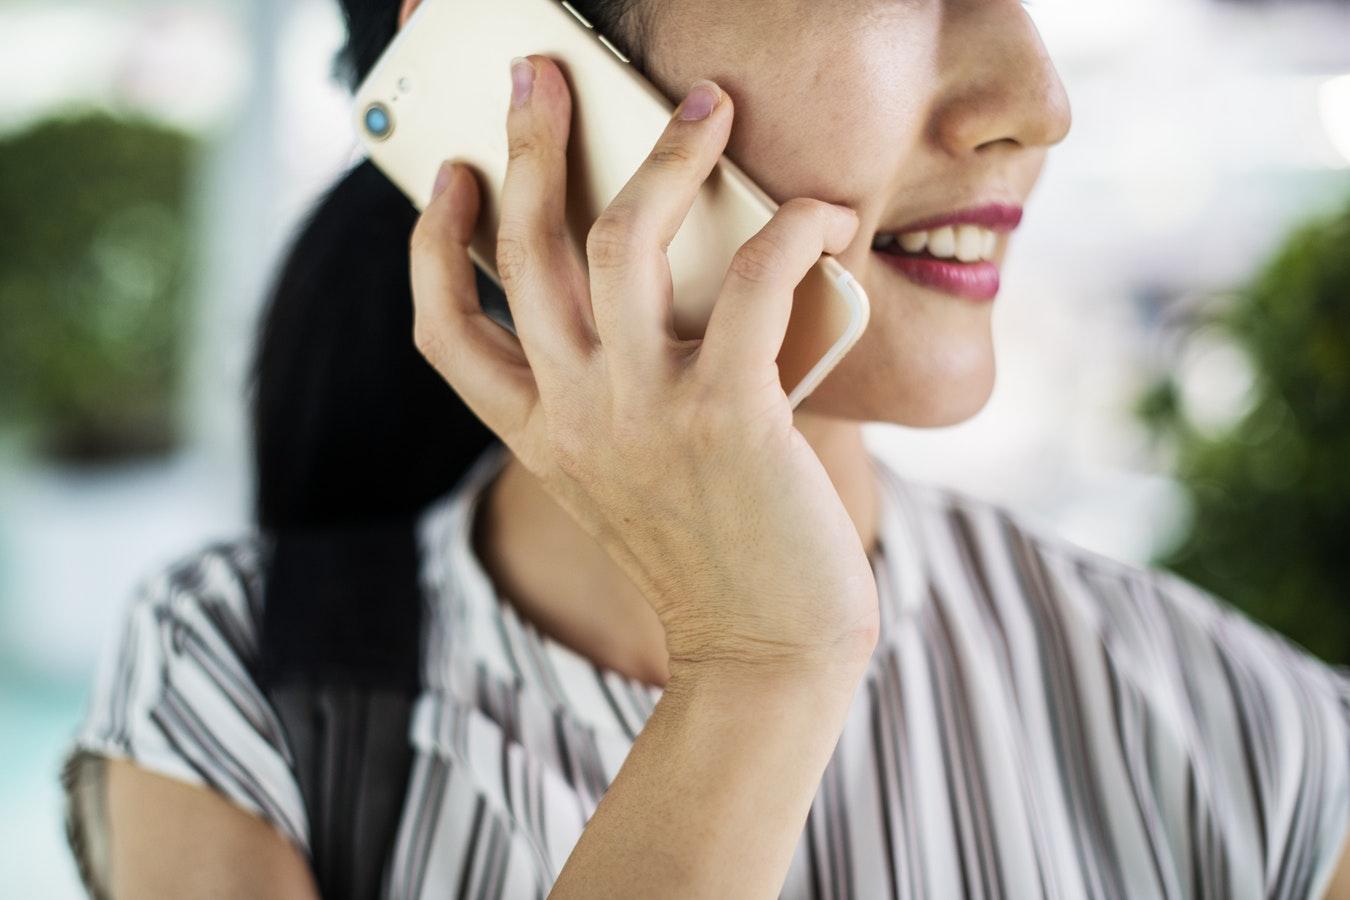 """Китайське шкідливе ПЗ знайдено на """"соціальних"""" смартфонах у США"""